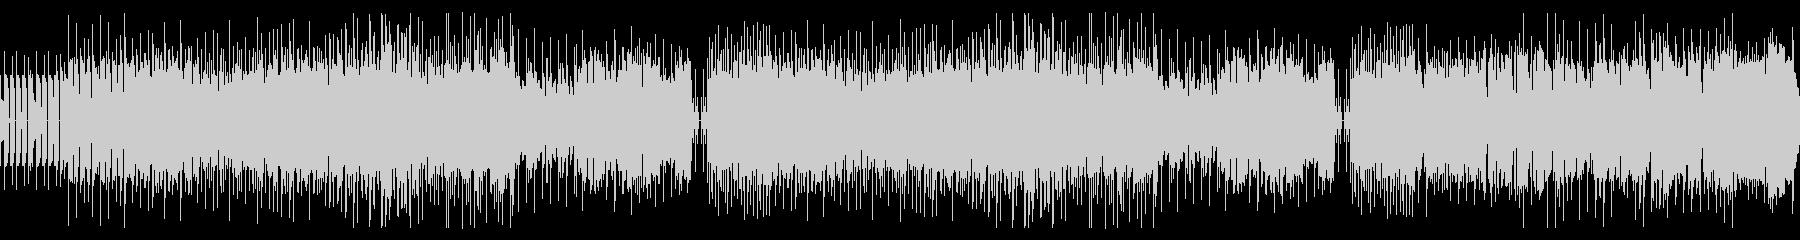 【ループ】メガドライブ音源 明るく軽快の未再生の波形